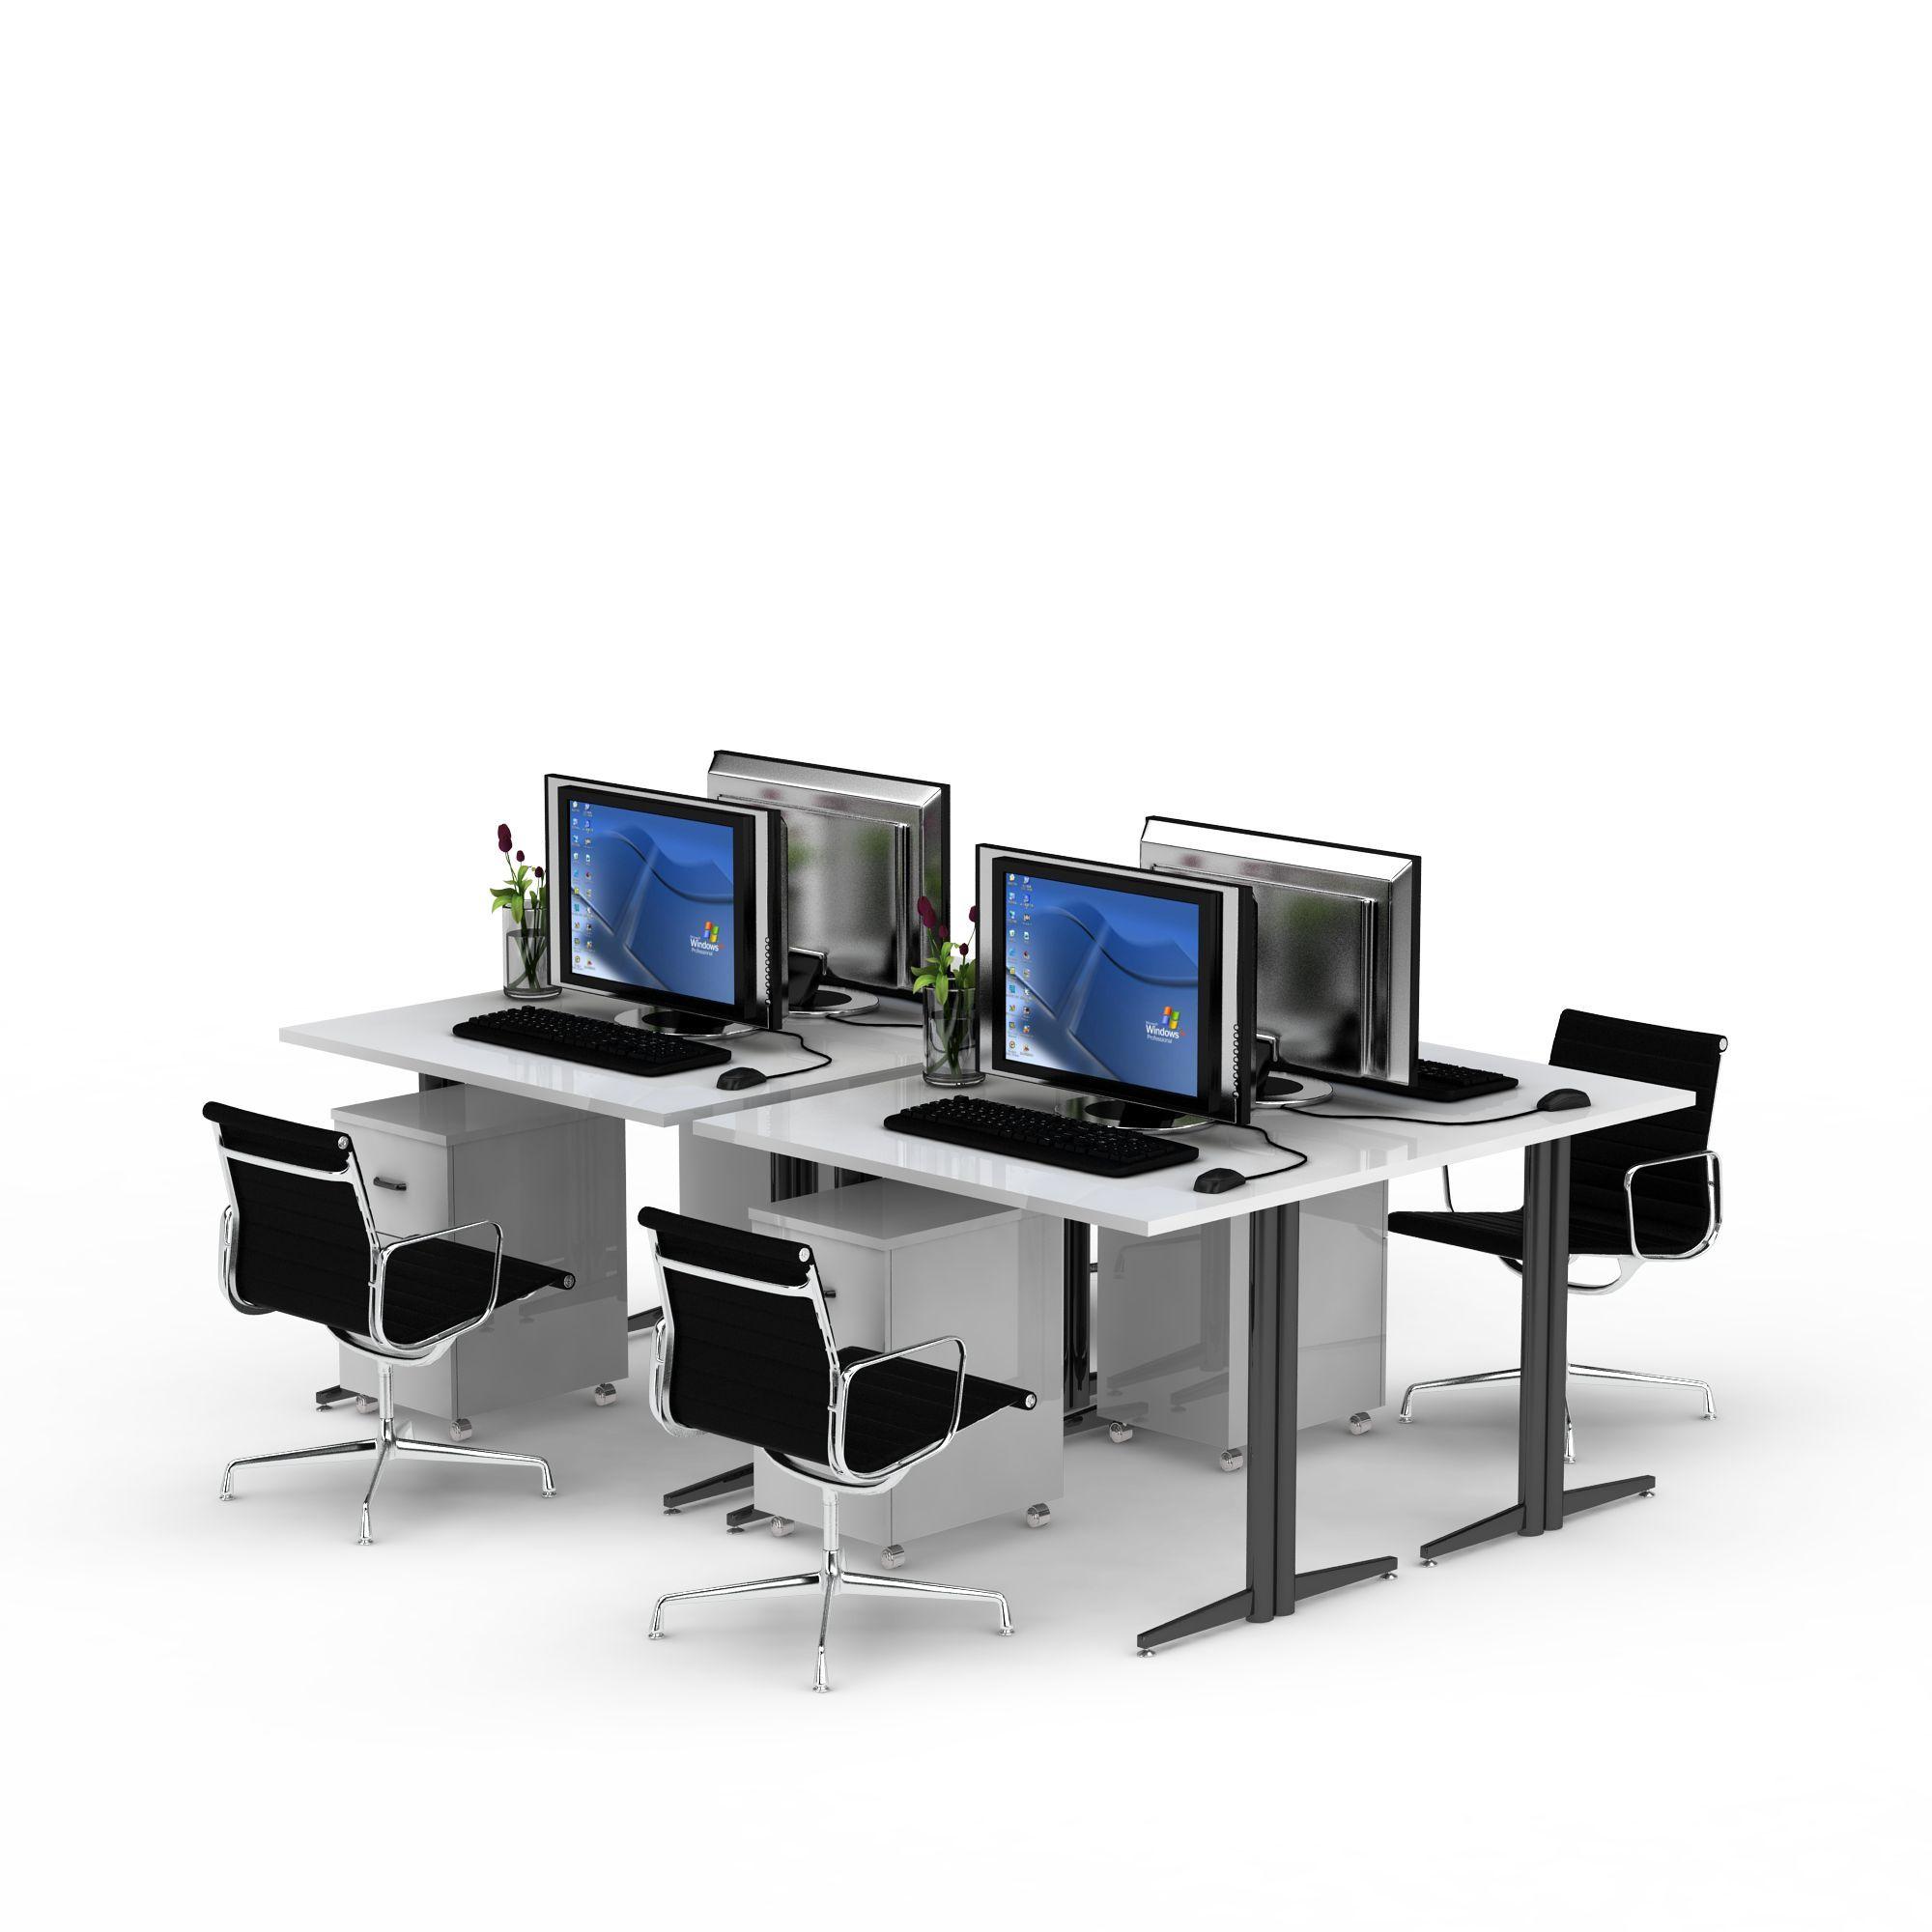 办公桌椅组合png高清图  办公桌椅组合高清图详情 设计师 3d学院 模型